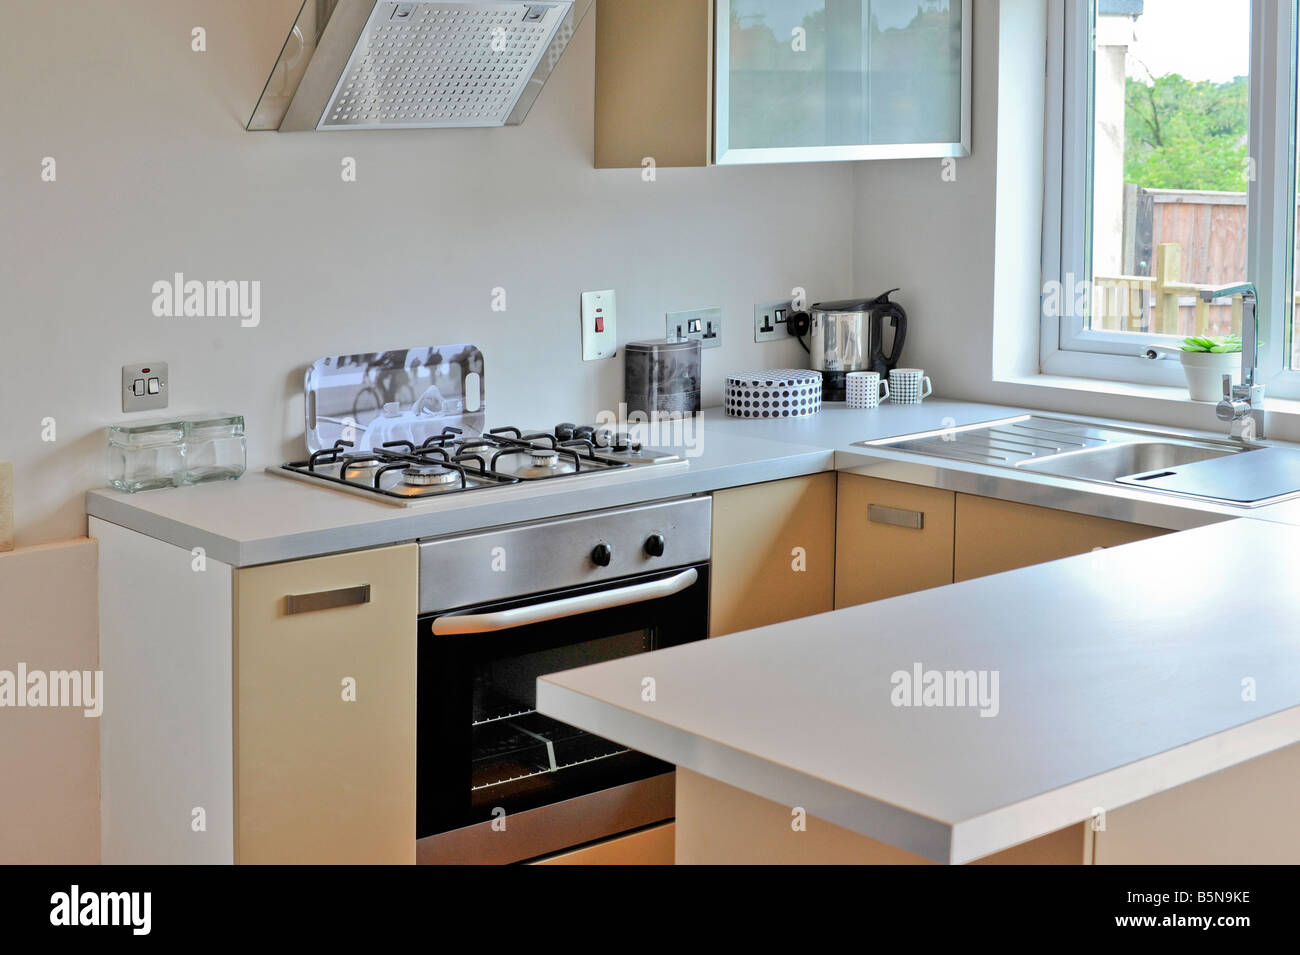 Nett Split Level Küche Renovieren Ideen - Küchenschrank Ideen ...